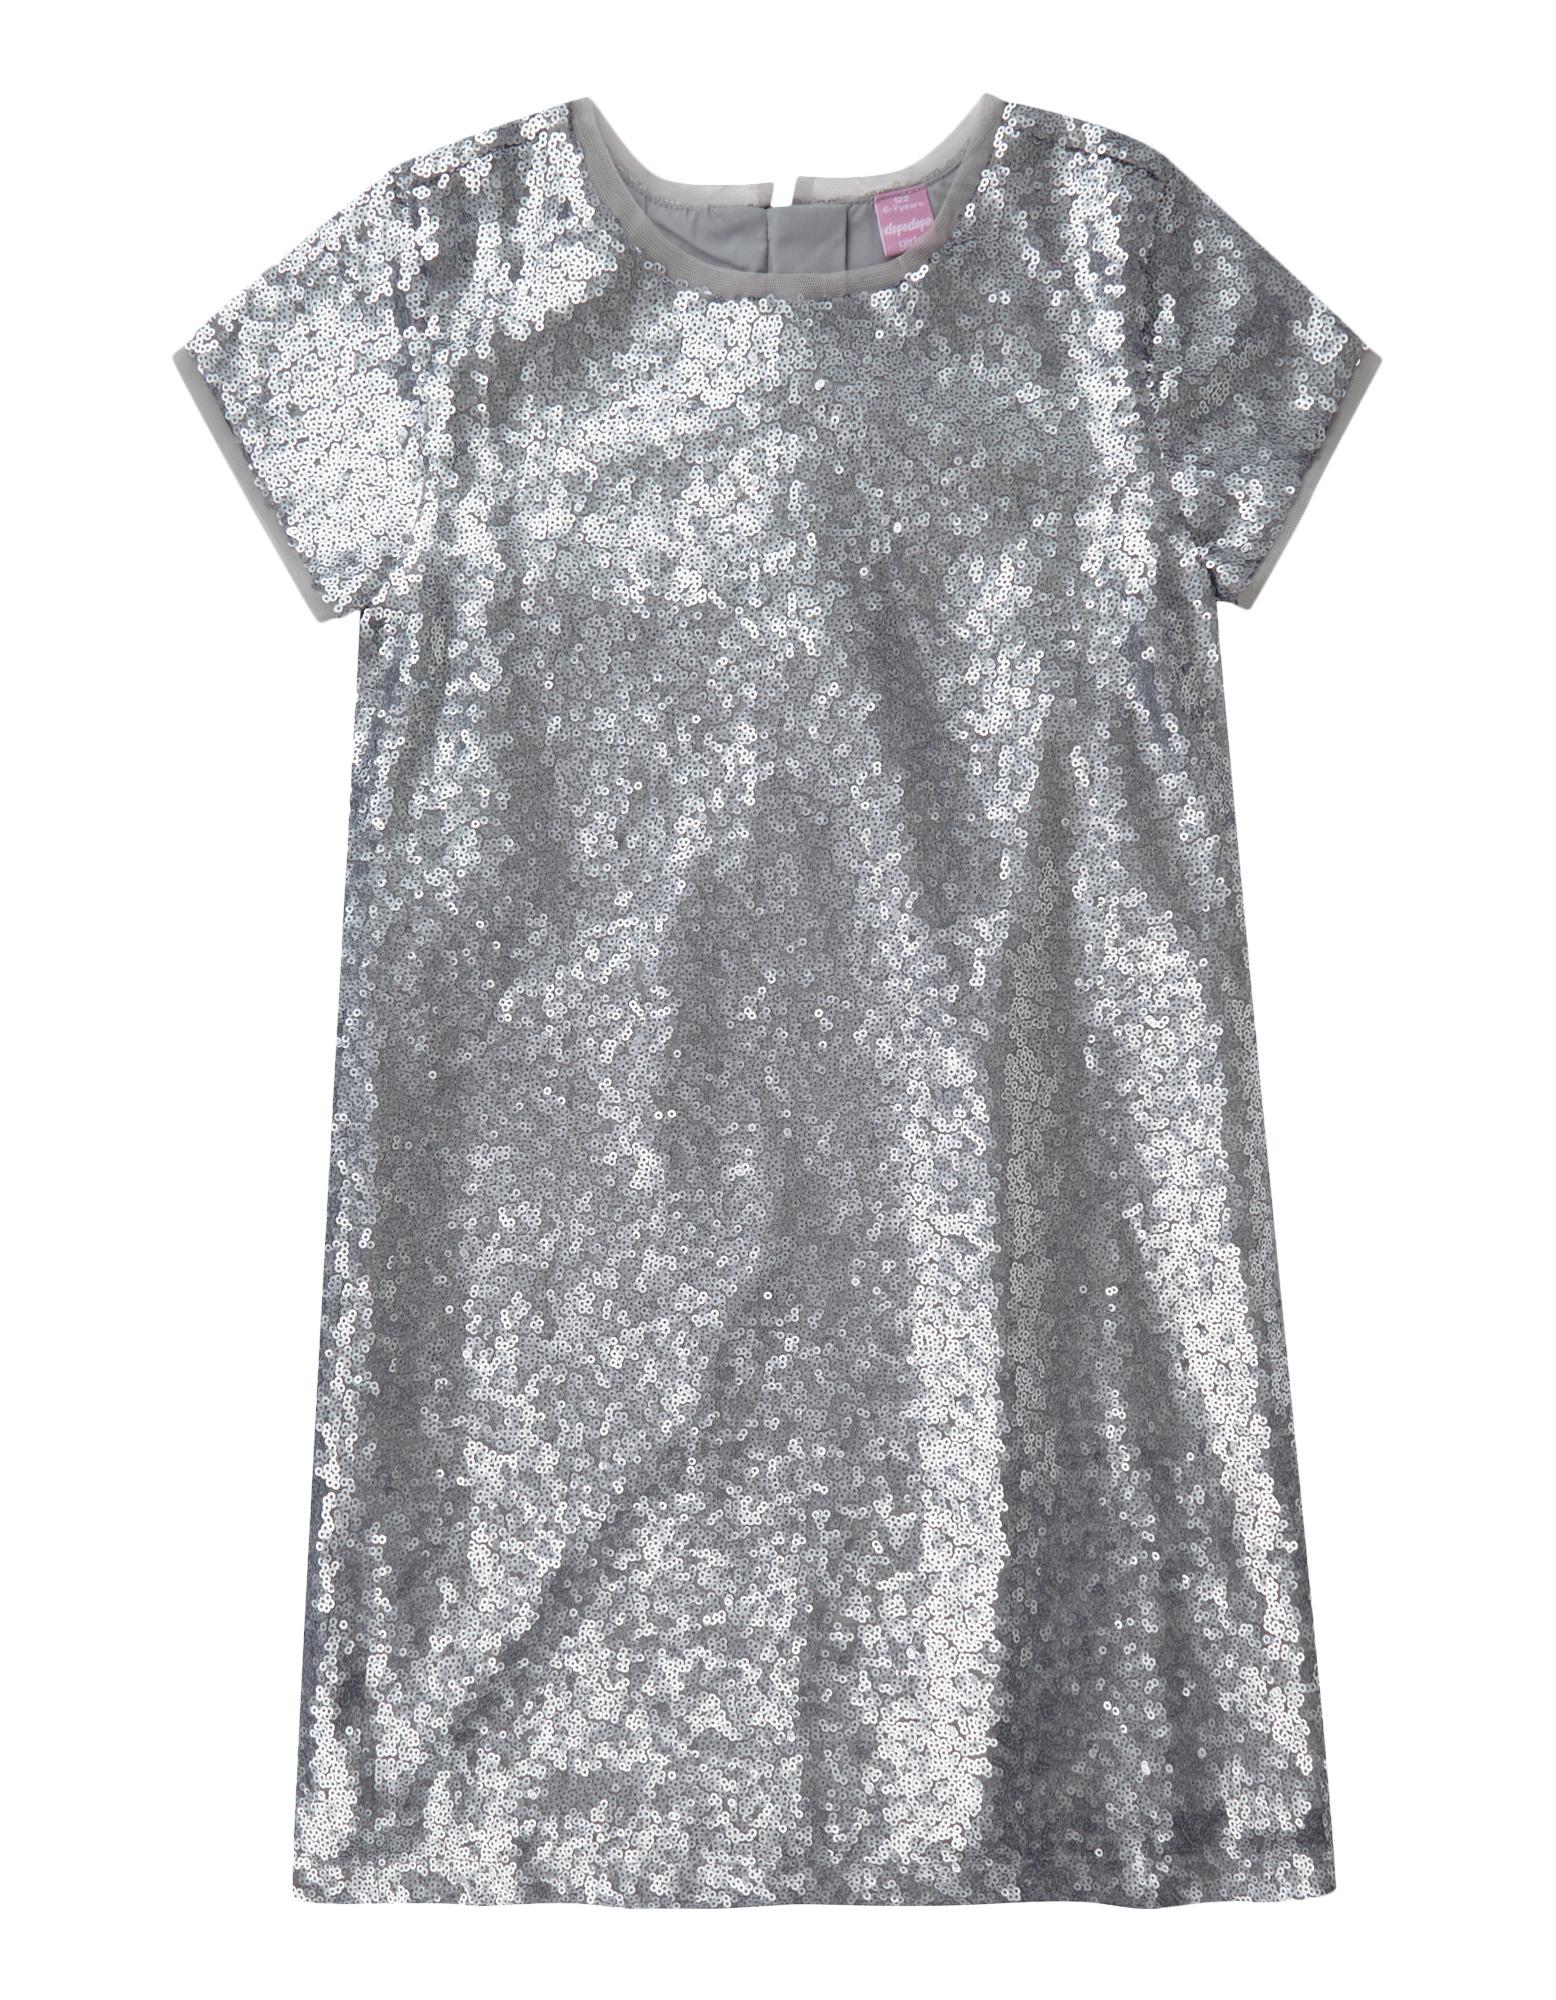 Takko Fashion Kleider  Trendige Kleider Für Die Saison 2018